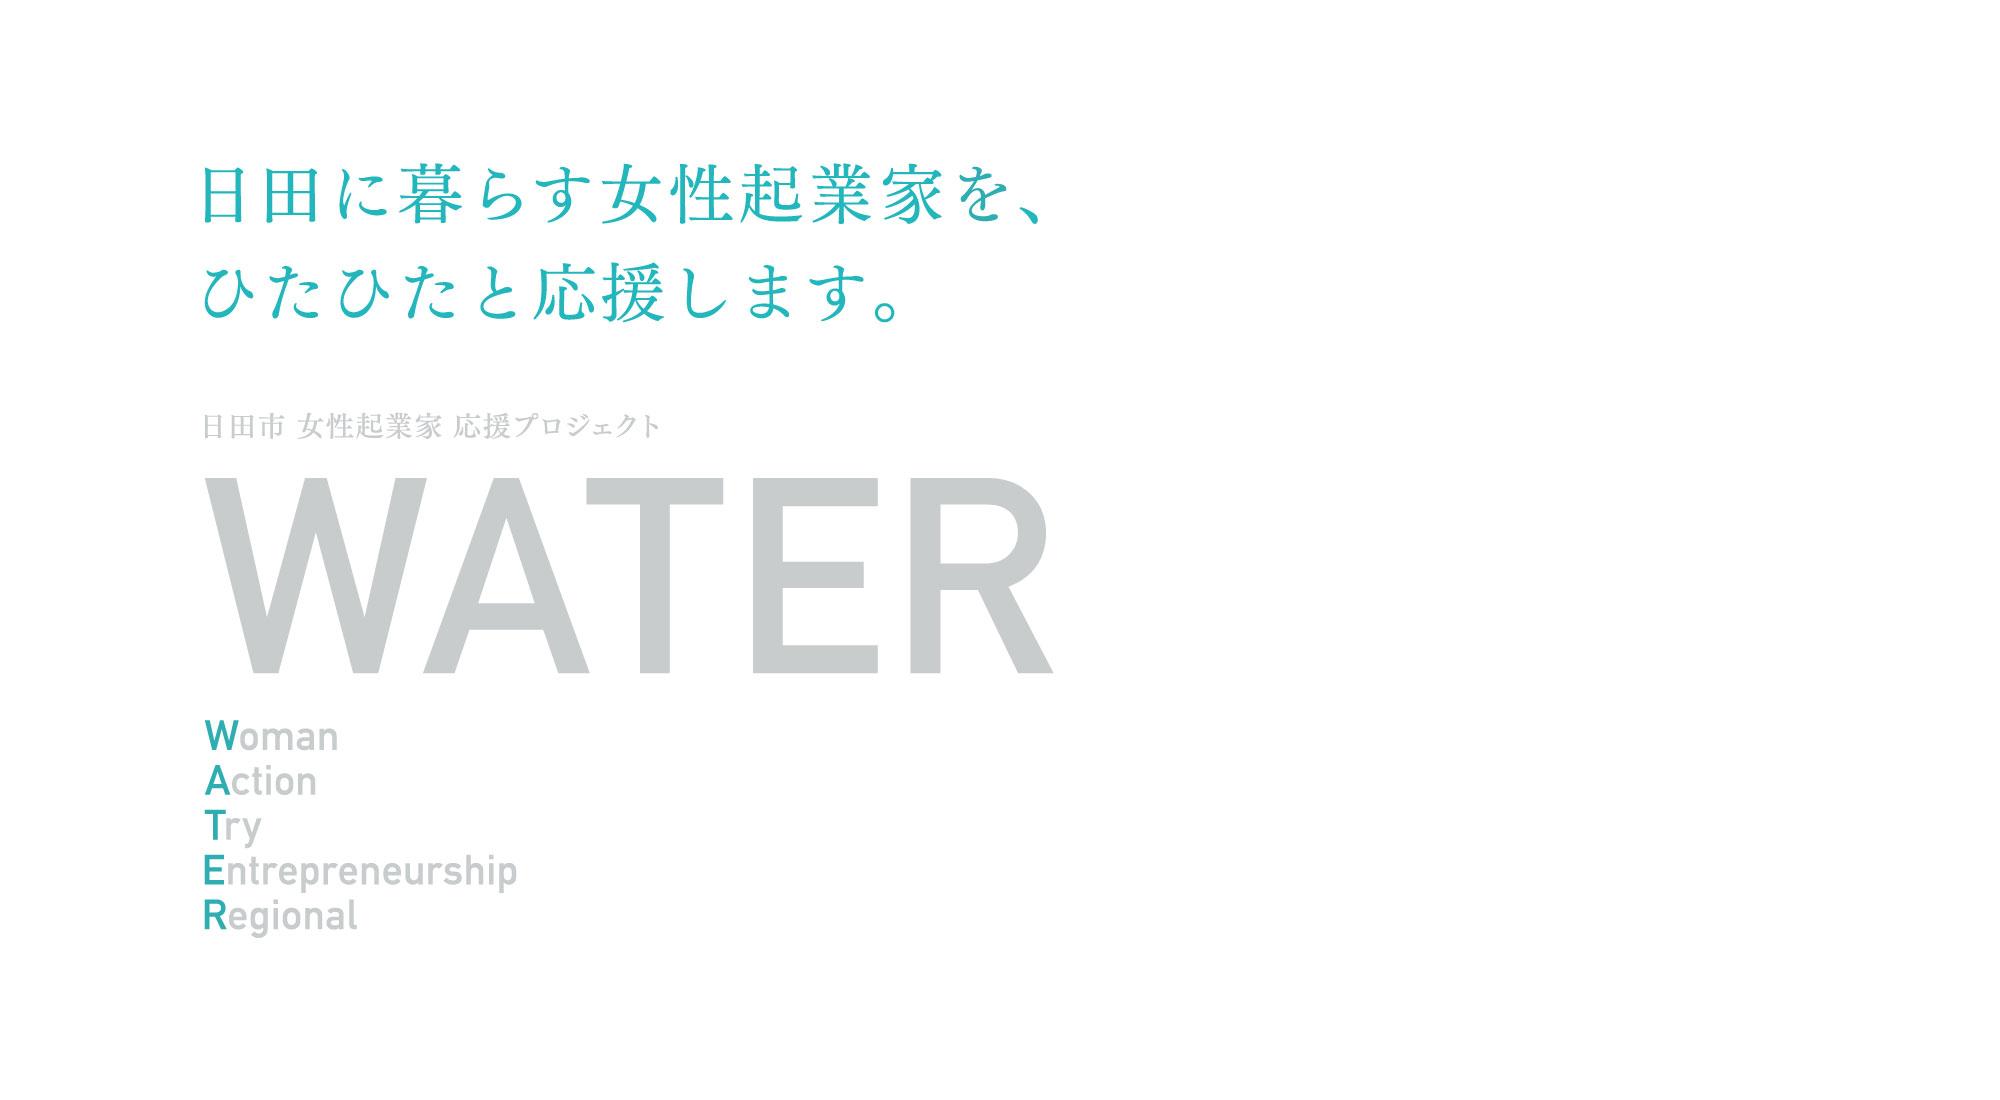 日田に暮らす女性起業家を、ひたひたと応援します。 日田市 女性起業家 応援プロジェクト WATER